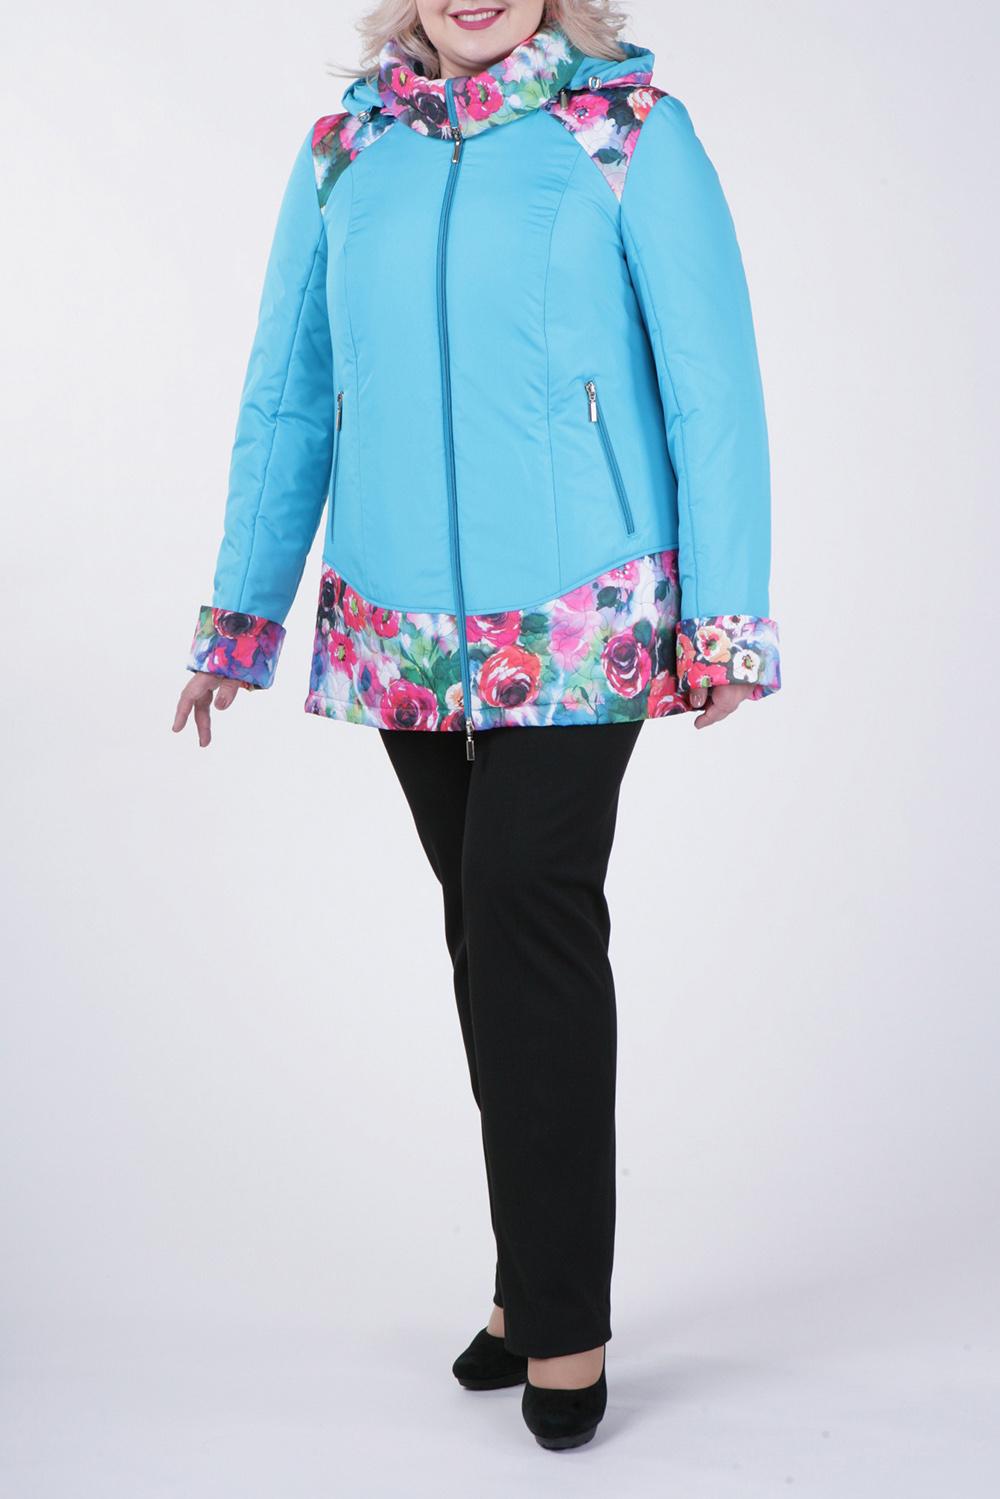 КурткаКуртки<br>Великолепная куртка с застежкой на молнию и длинными рукавами. Отличный выбор для демисезонного периода.  В изделии использованы цвета: голубой, розовый, зеленый  Рост девушки-фотомодели 172 см.<br><br>Застежка: С молнией<br>По длине: Средней длины<br>По материалу: Тканевые<br>По рисунку: Растительные мотивы,С принтом,Цветные,Цветочные<br>По силуэту: Прямые<br>По стилю: Повседневный стиль<br>По элементам: С капюшоном,С карманами<br>Рукав: Длинный рукав<br>По сезону: Осень,Весна<br>Размер : 60,62,64,66,68,74,76,78,80<br>Материал: Болонья<br>Количество в наличии: 9